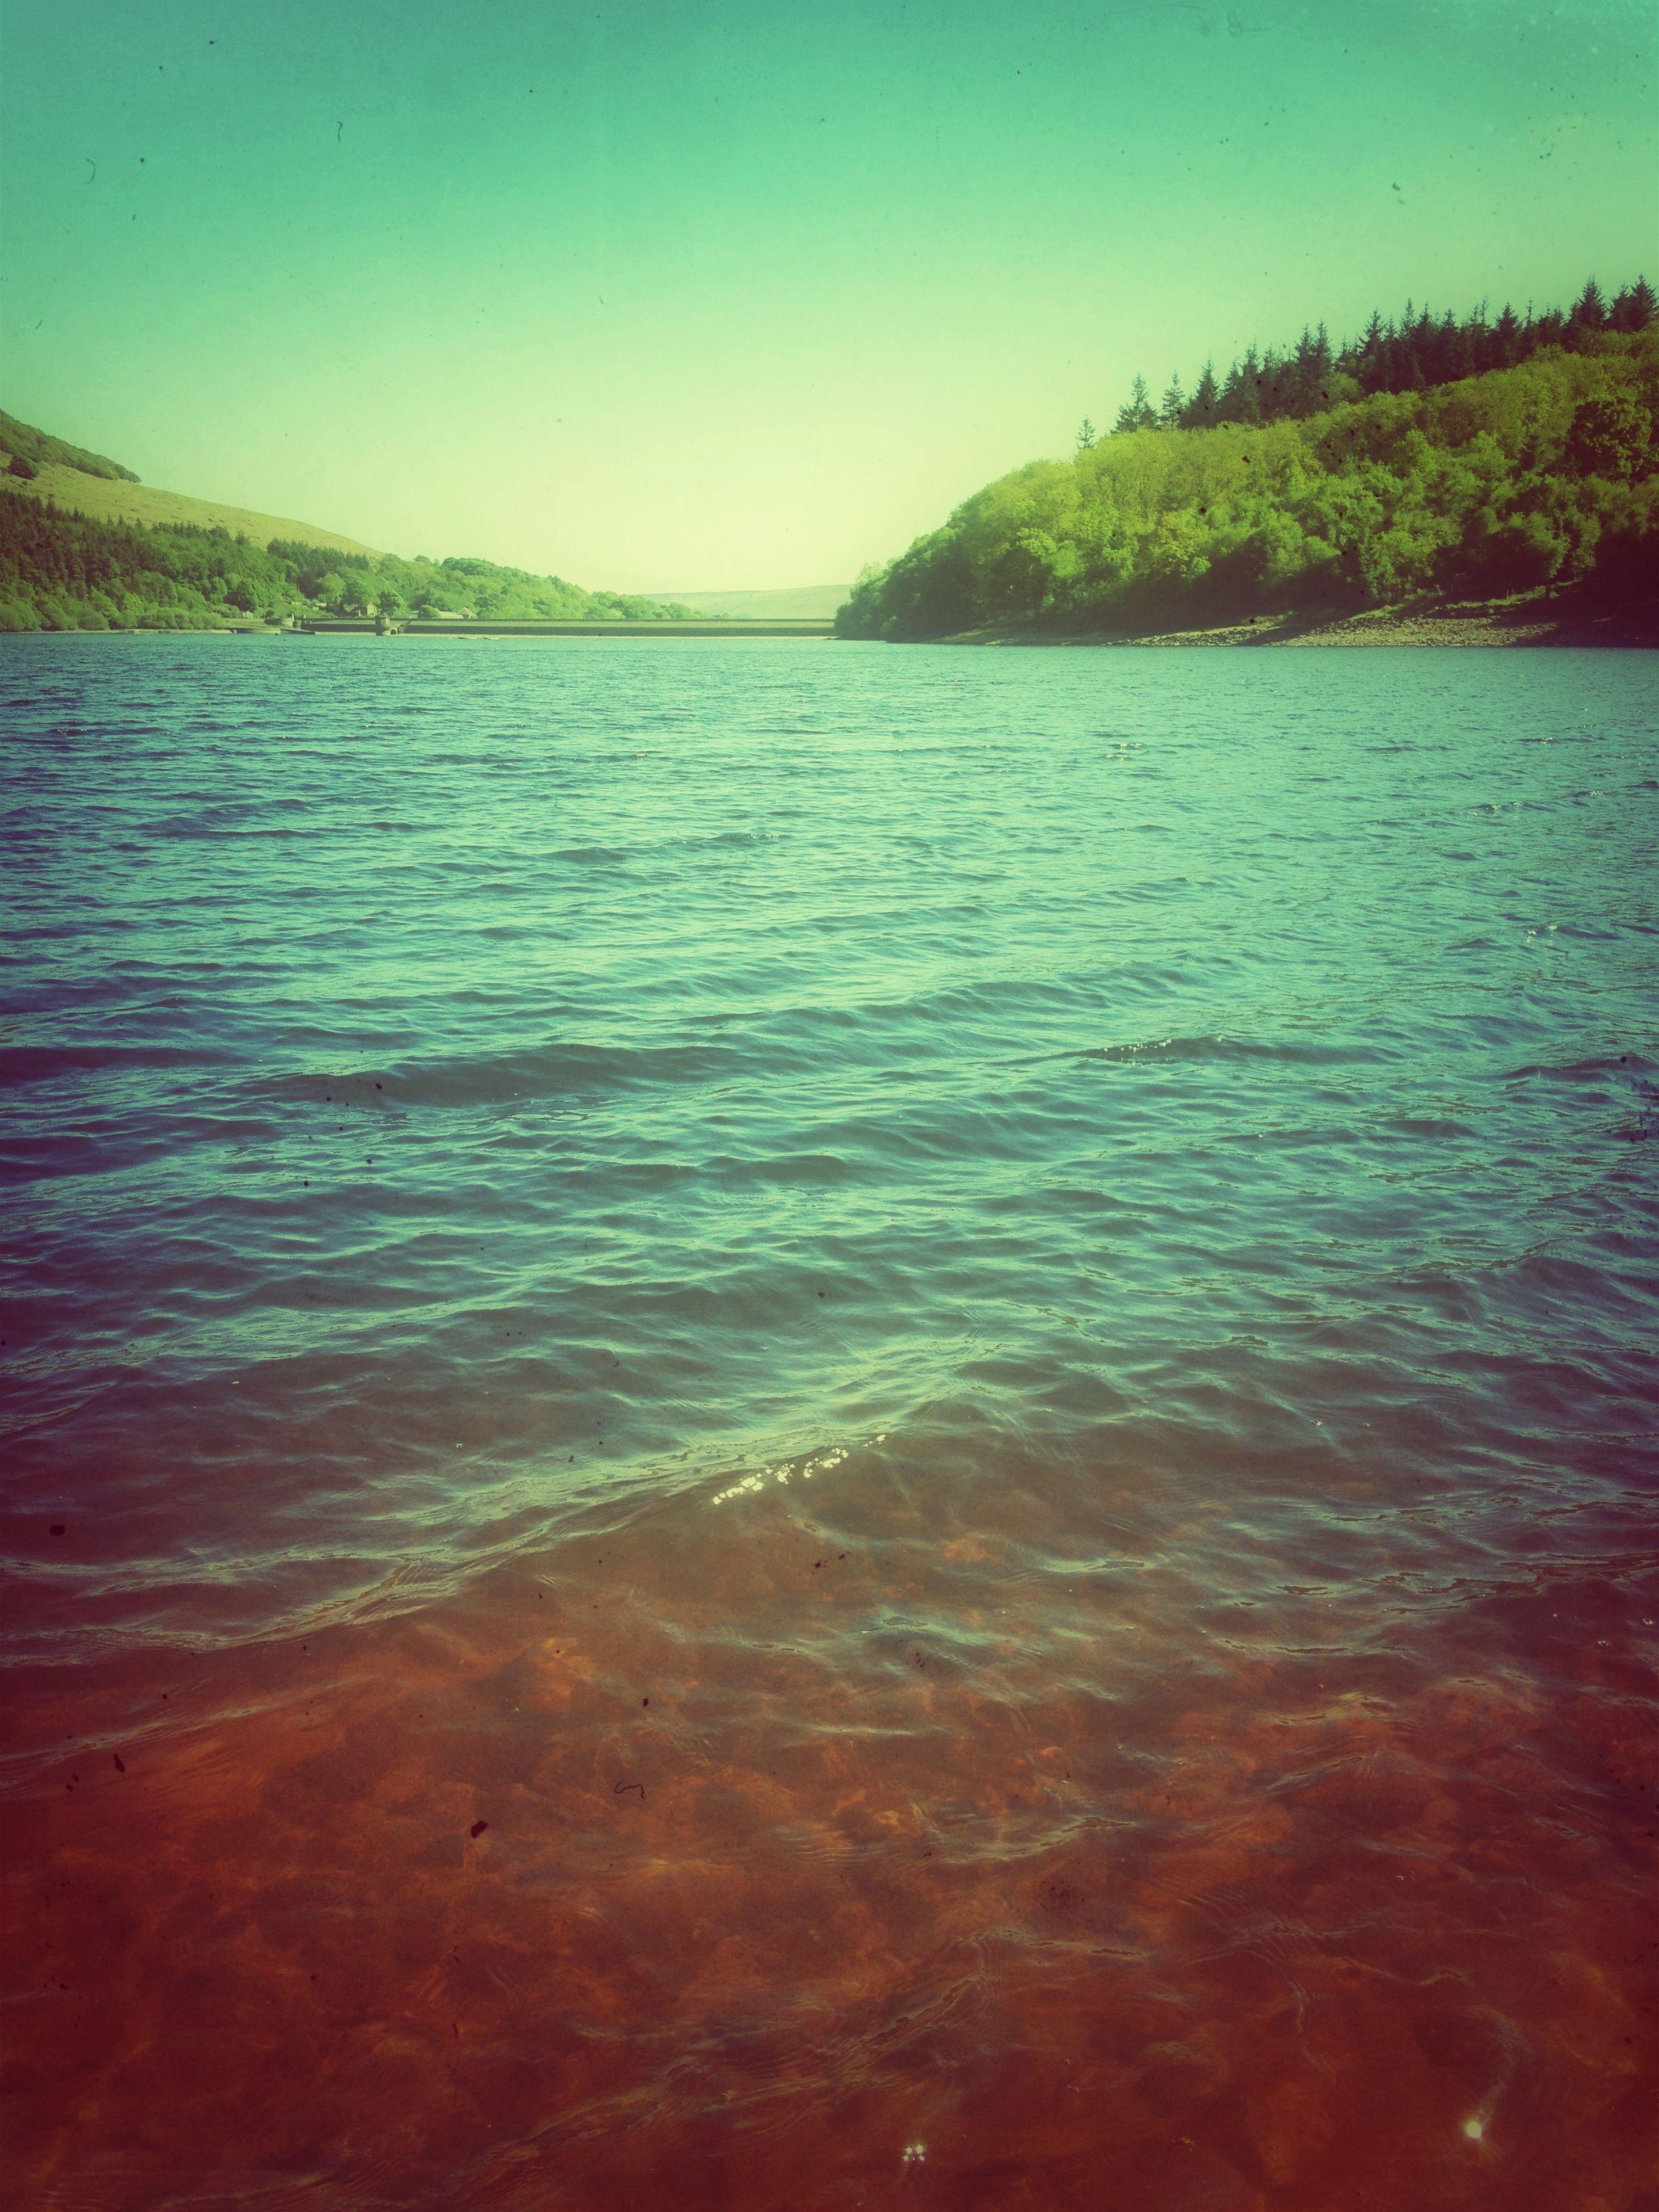 PEAK DISTRICT / LAKE LADYBOWER